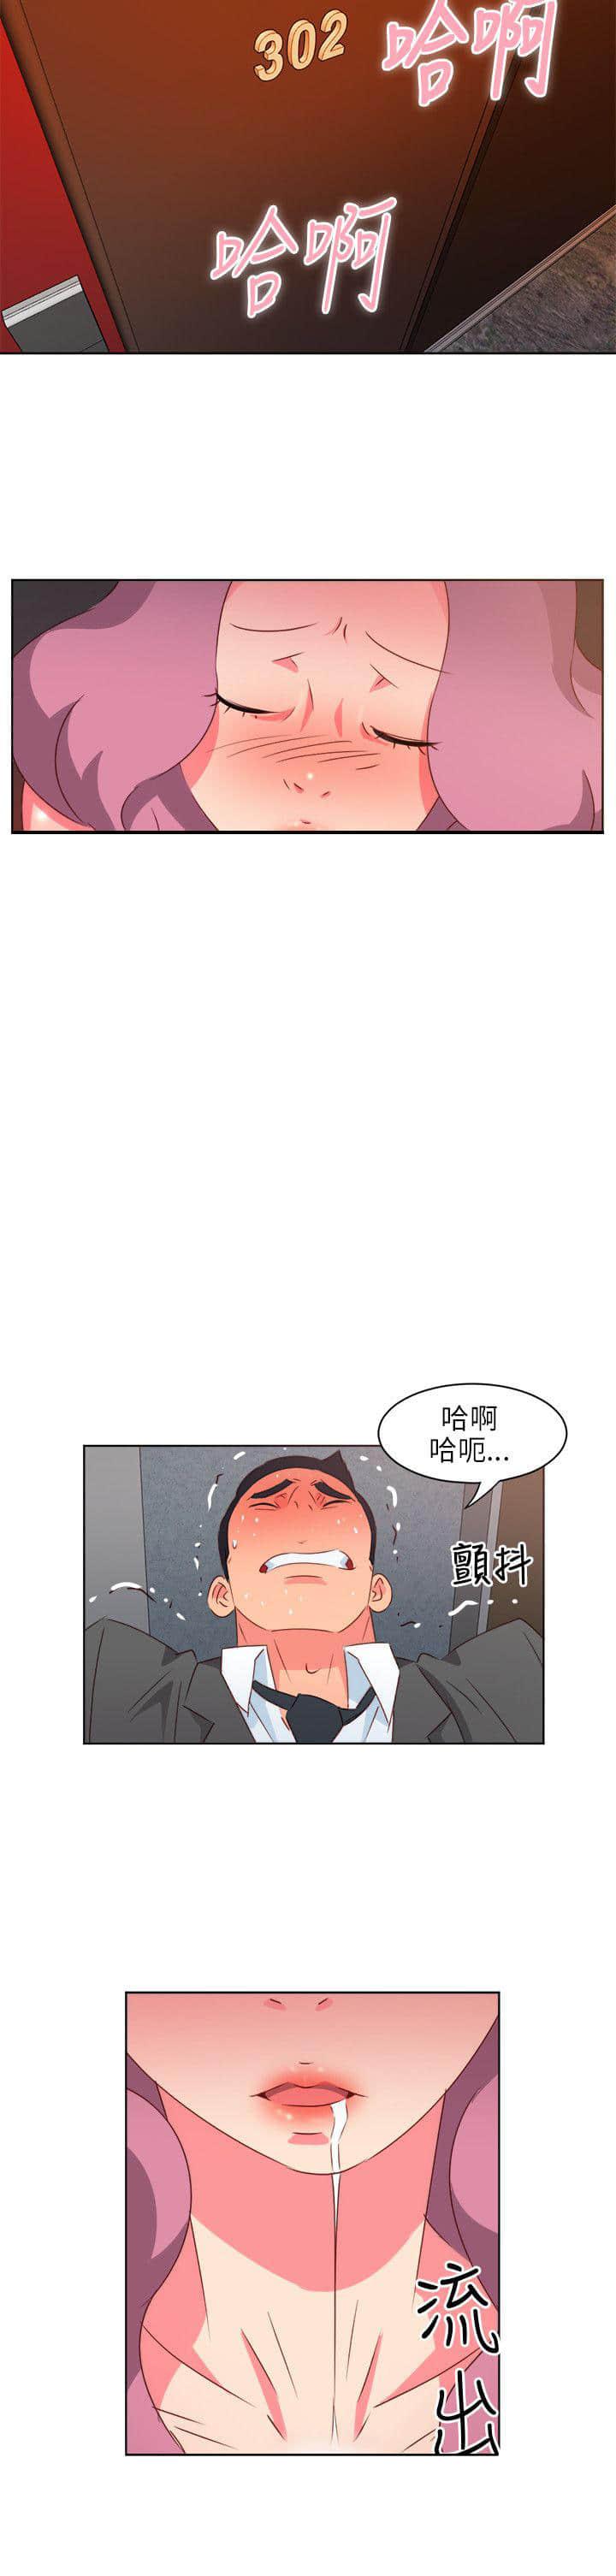 甜美的咬痕免费阅读漫画57话